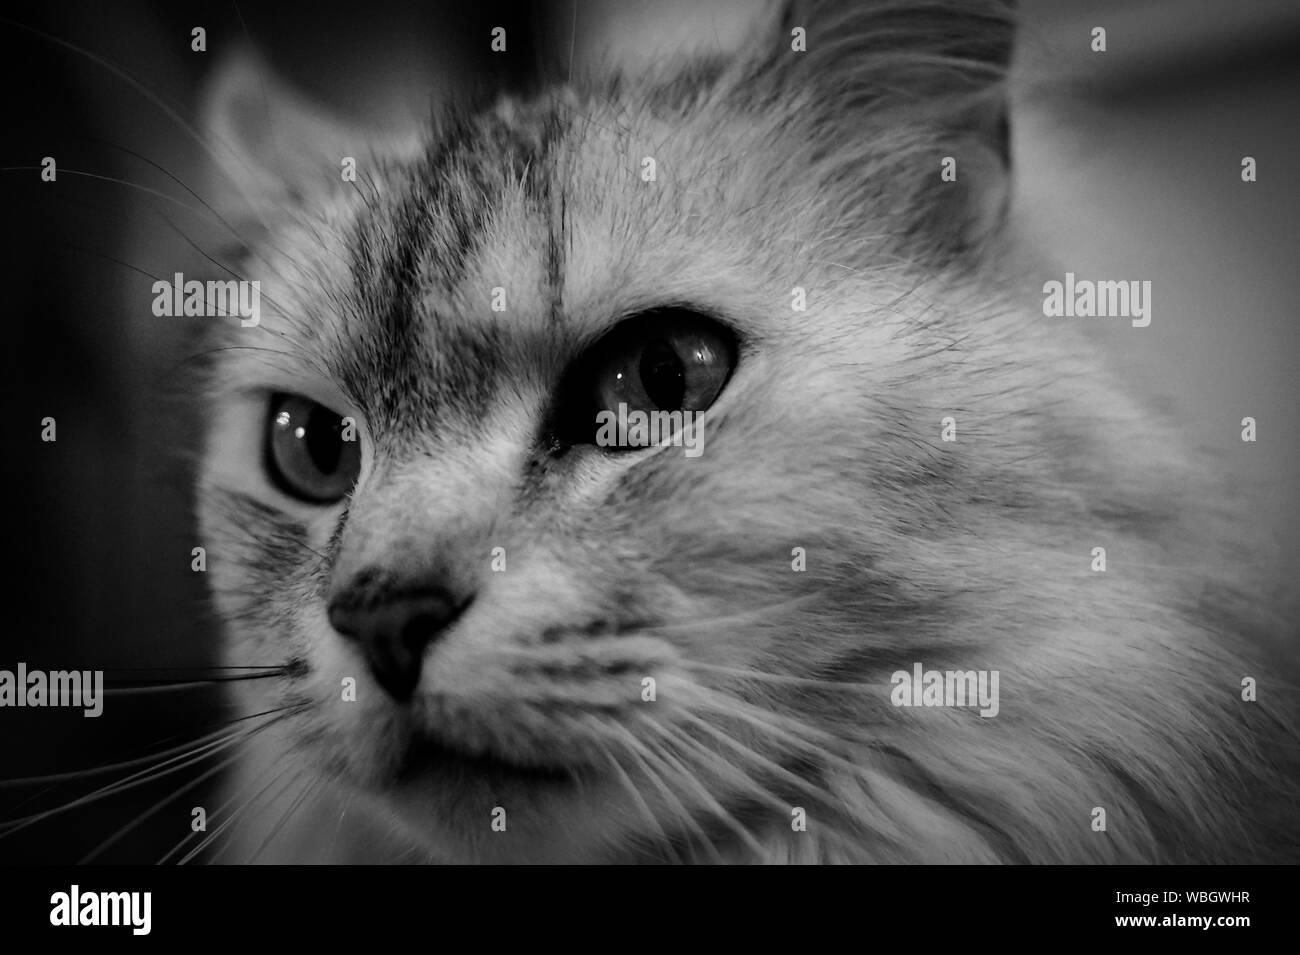 Close-up retrato de cat. Foto de stock